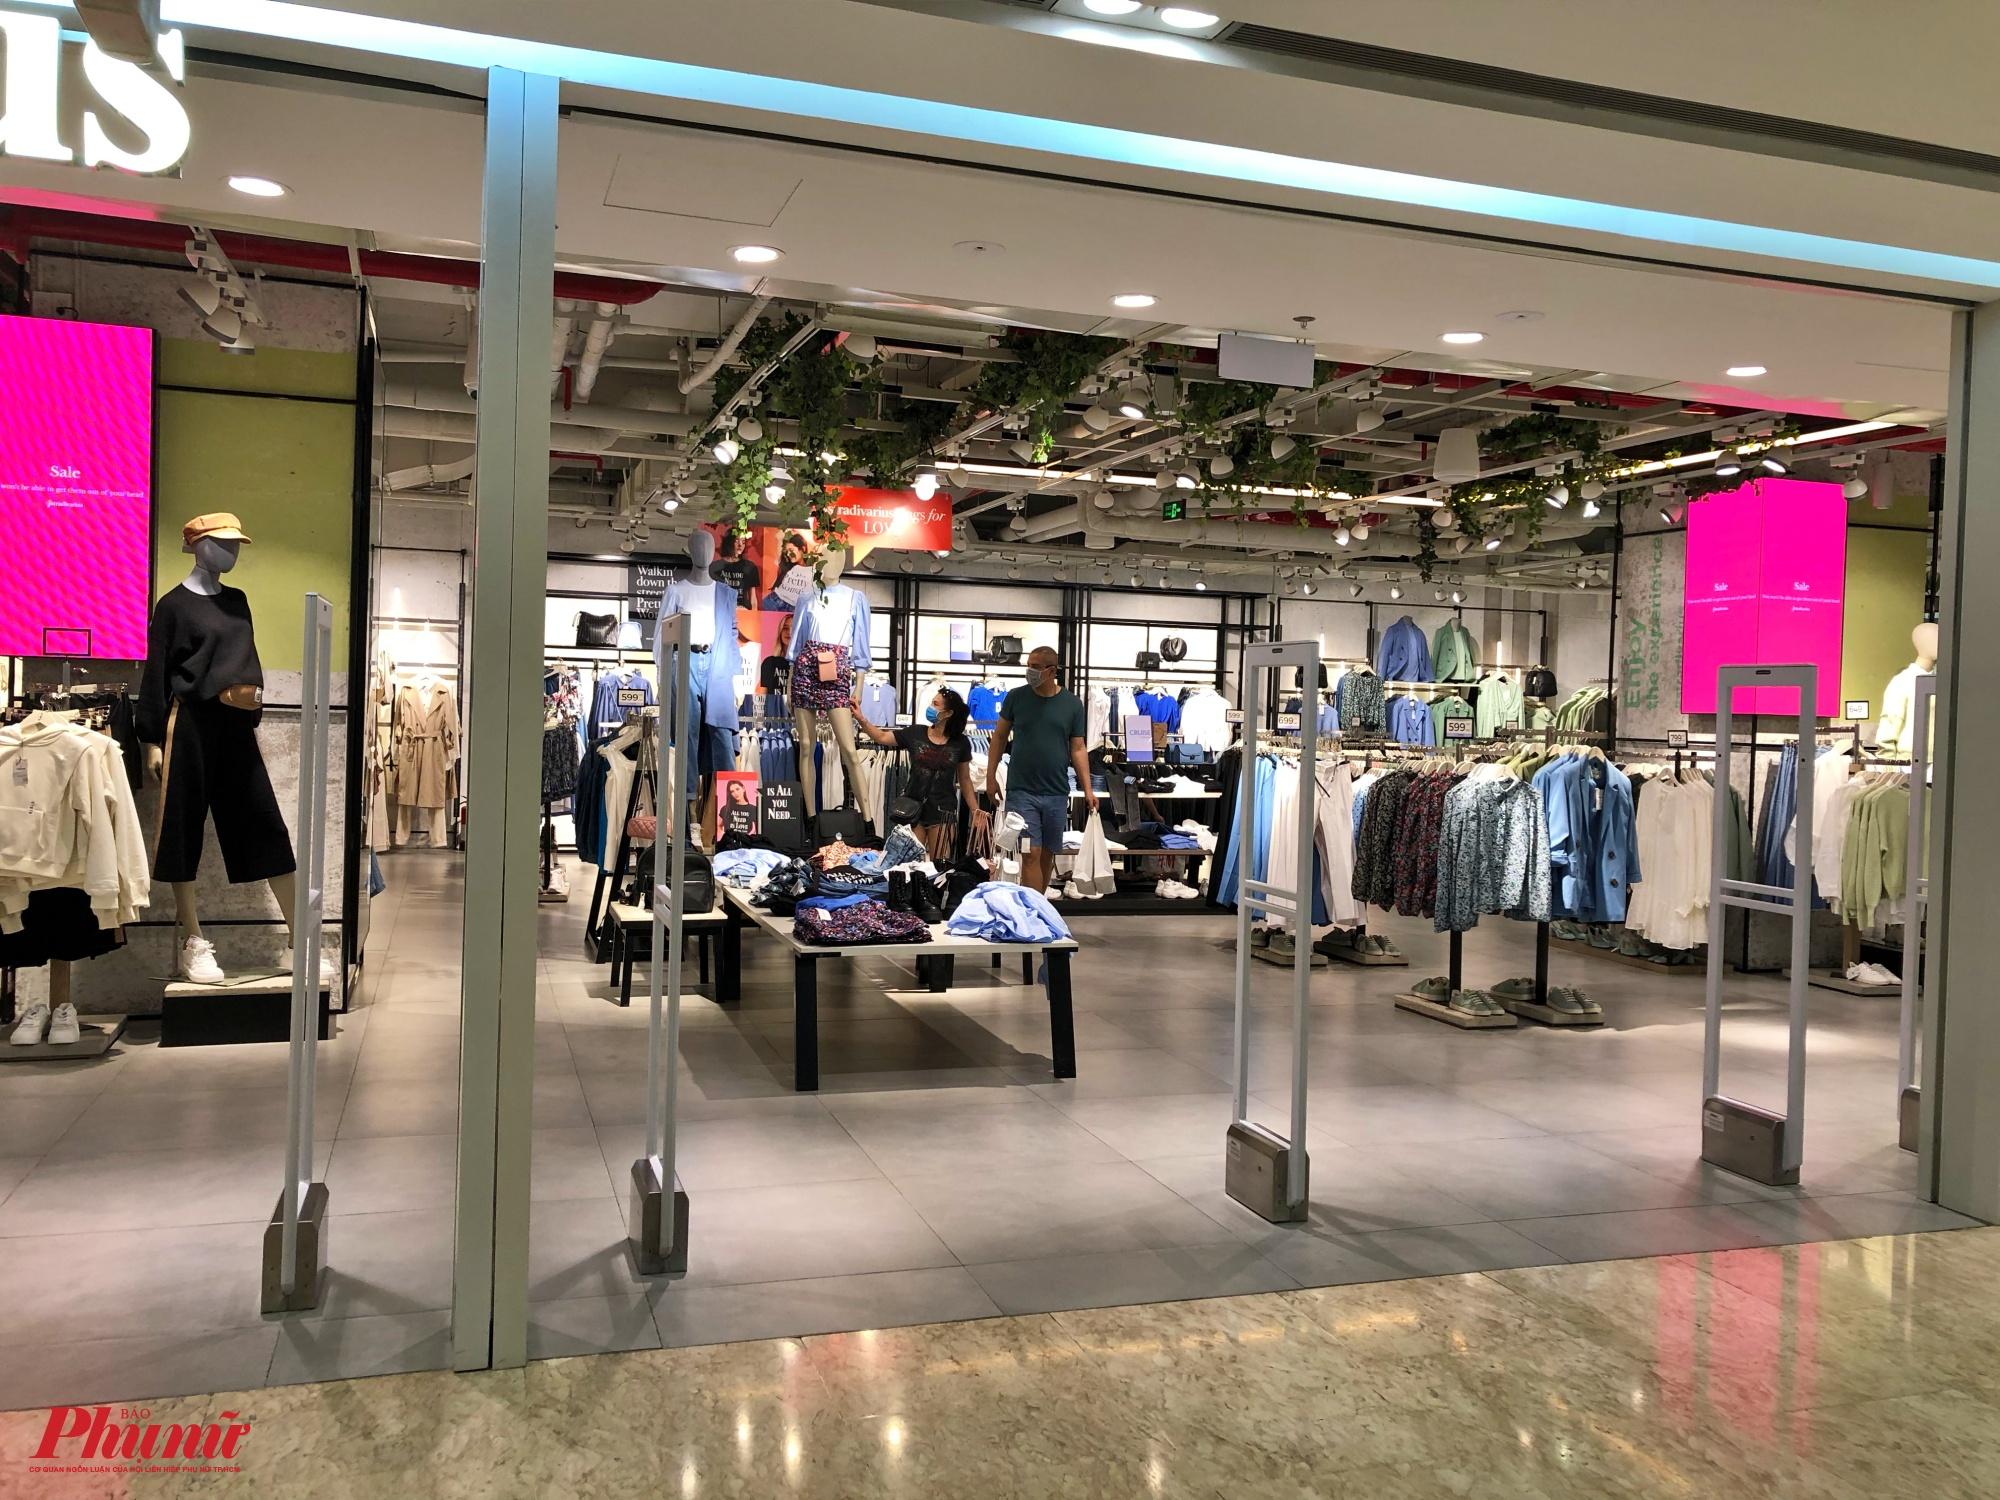 Lầu 2 của trung tâm thương mại Vincom cũng lát đát một vài khách mua sắm, trong ảnh một cặp du khách người nước ngoài đeo khẩu trang chọn mua quần áo ở lầu 2